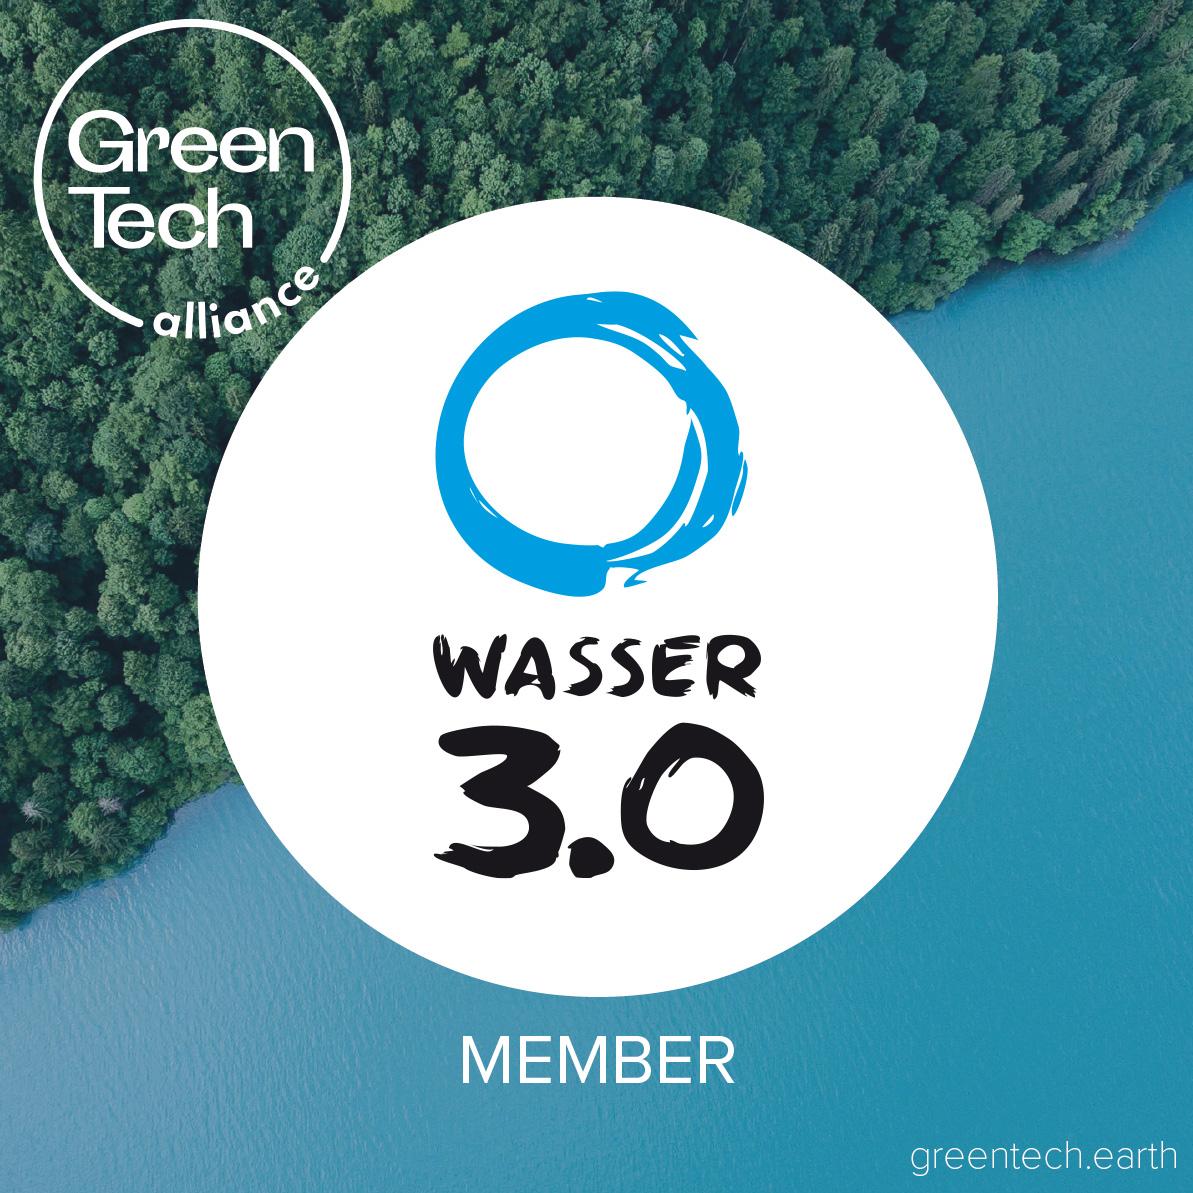 GreenTech Alliance: Netzwerkpartner von Wasser 3.0